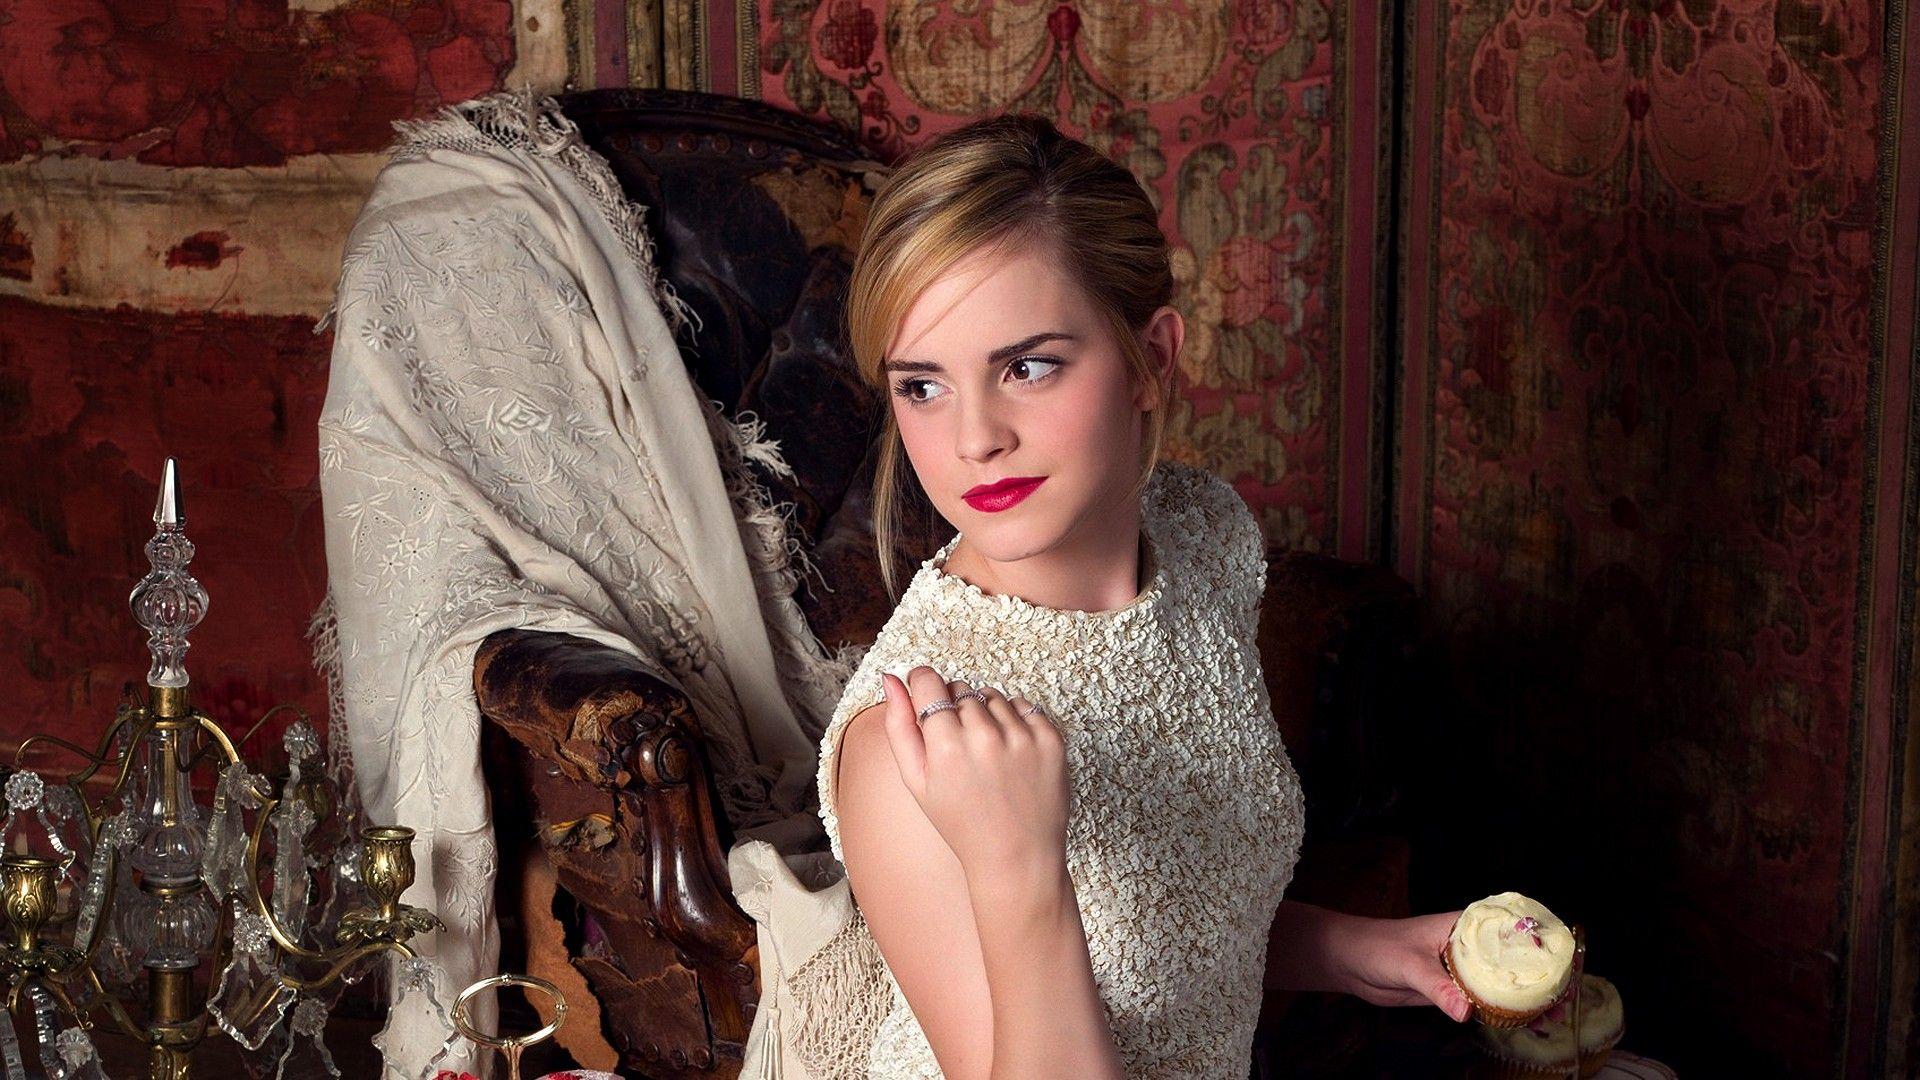 Hd wallpaper emma watson - Emma Watson Beautiful Emma And The Beasts Pinterest Emma Watson Beauty And Natural